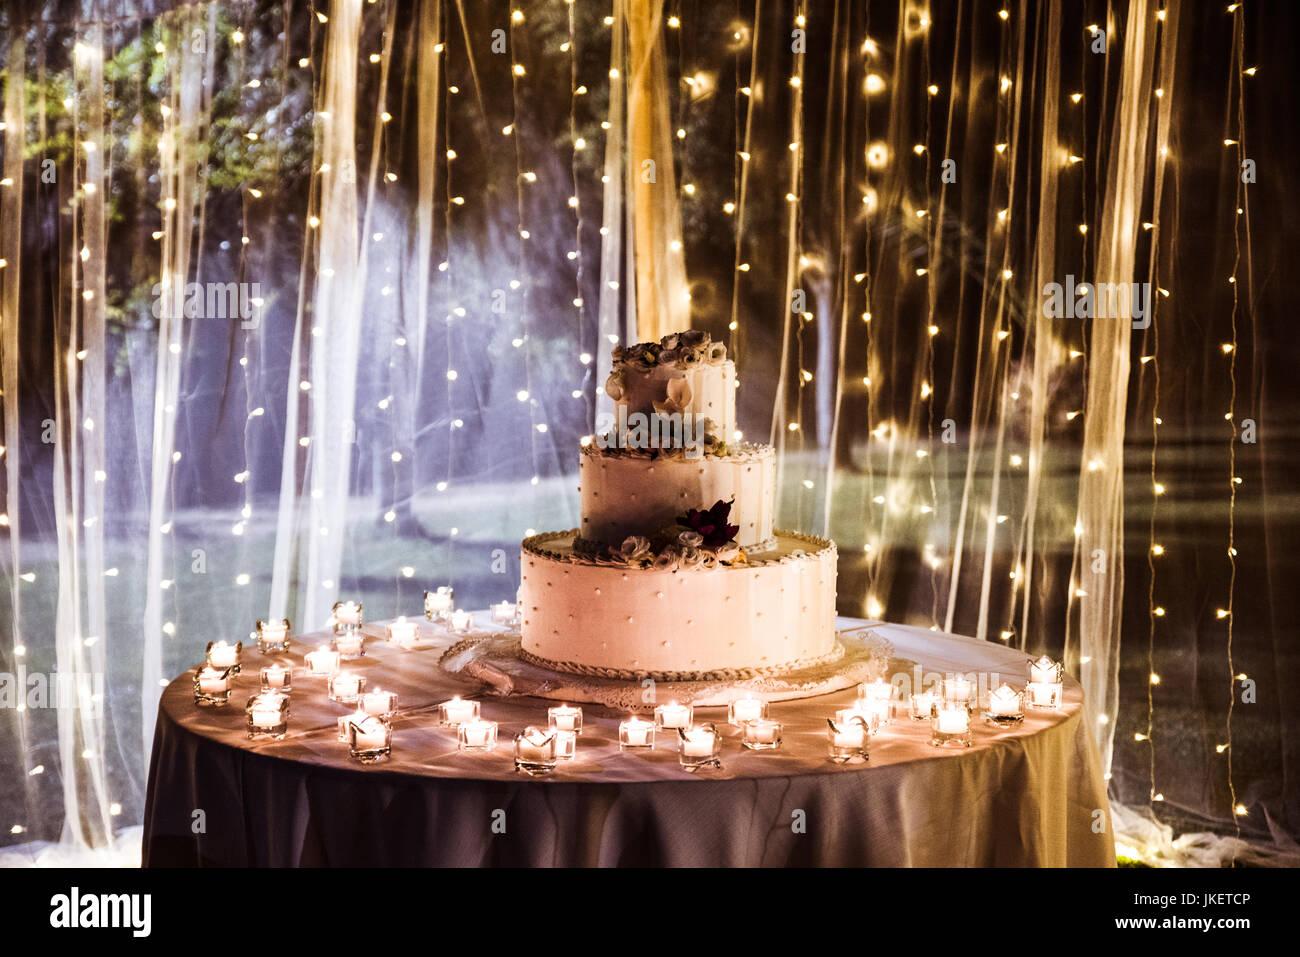 Hochzeitsdekorationen Und Kuchen Stockfoto Bild 149687910 Alamy